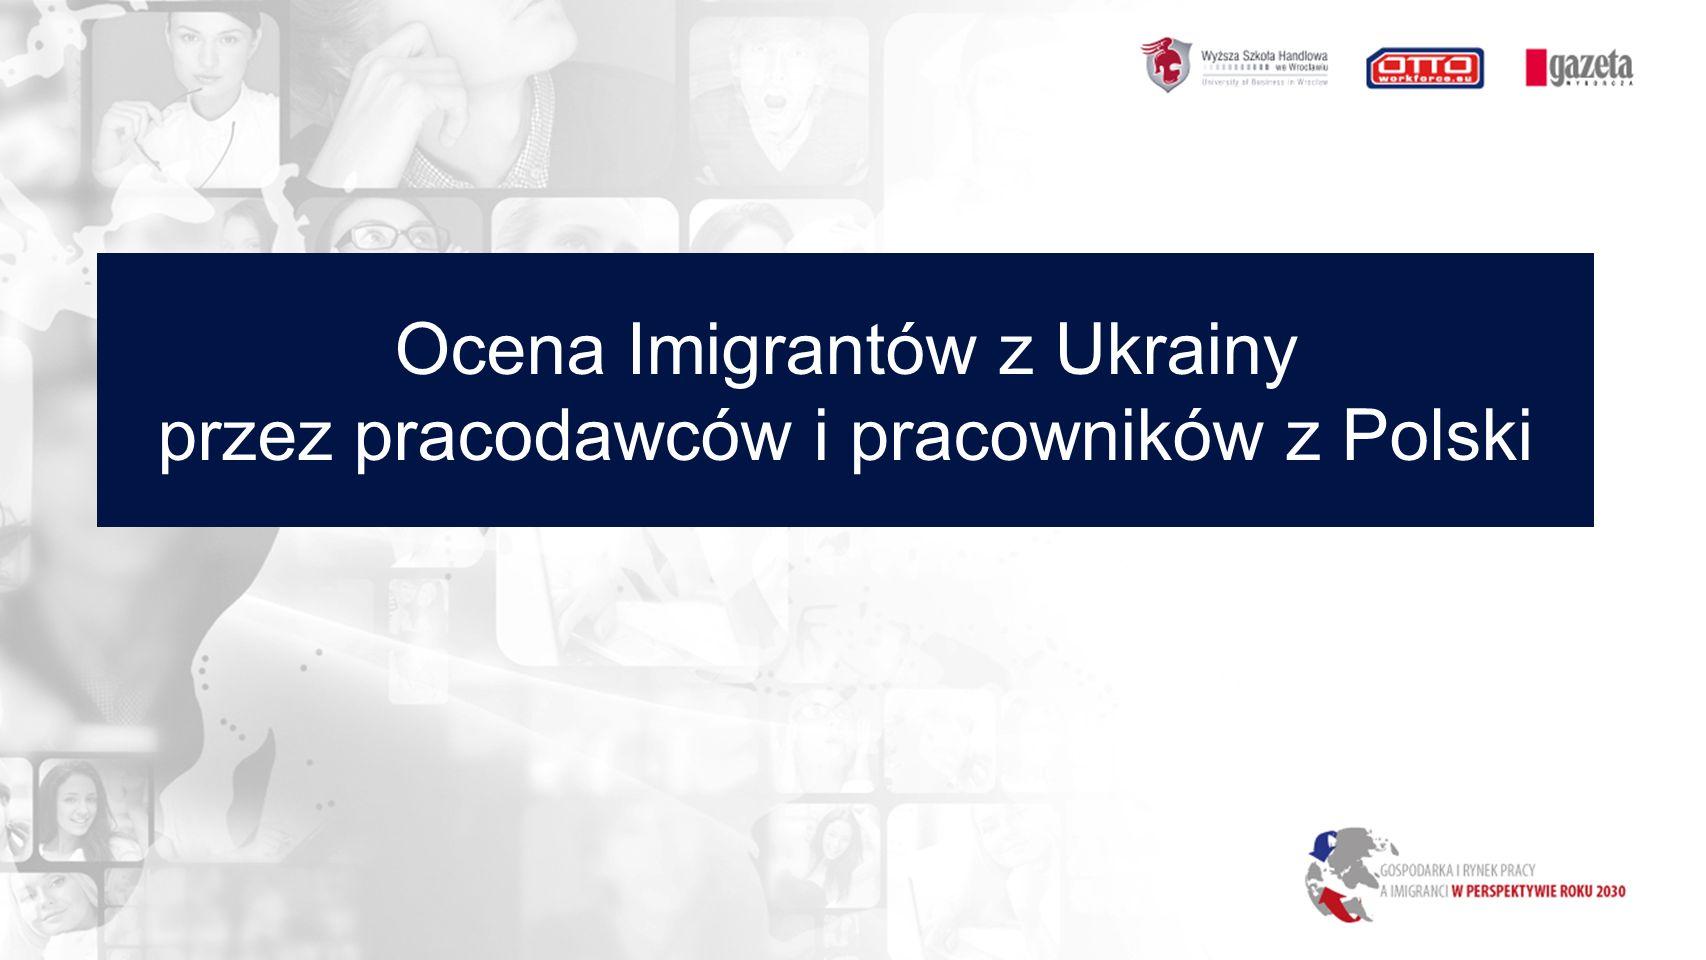 Ocena Imigrantów z Ukrainy przez pracodawców i pracowników z Polski